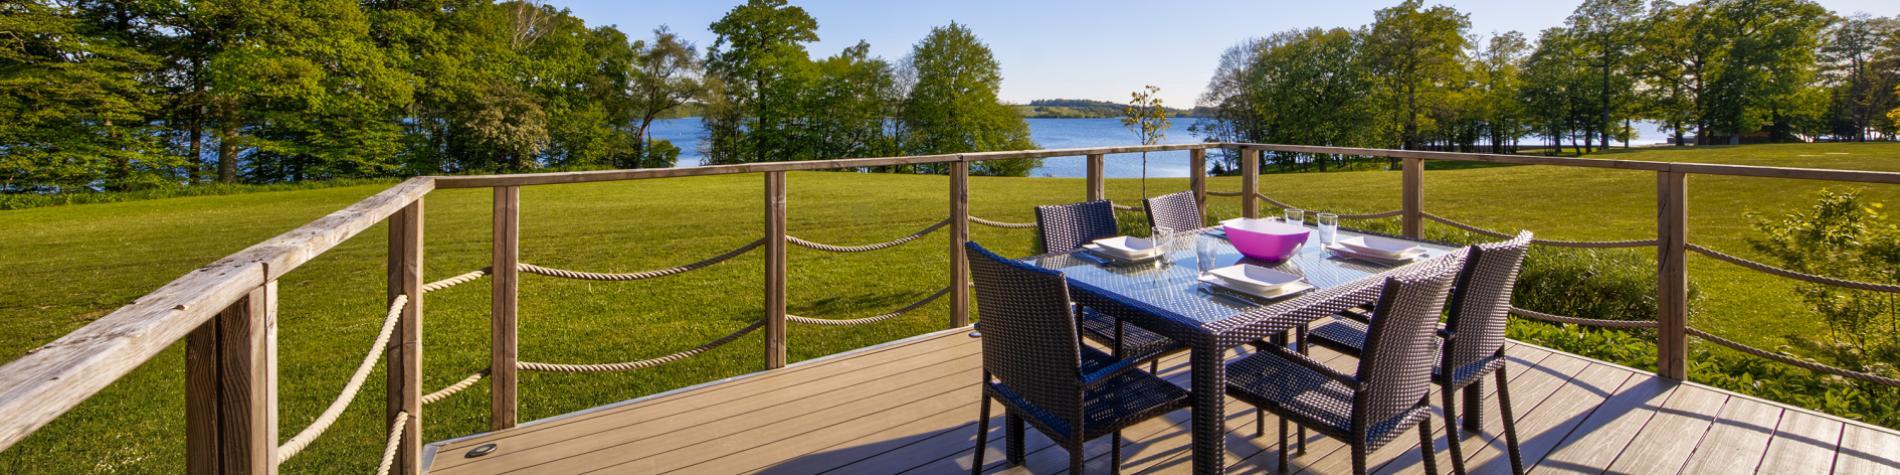 Village de vacances - Golden Lakes Village - Lacs de l'Eau d'Heure